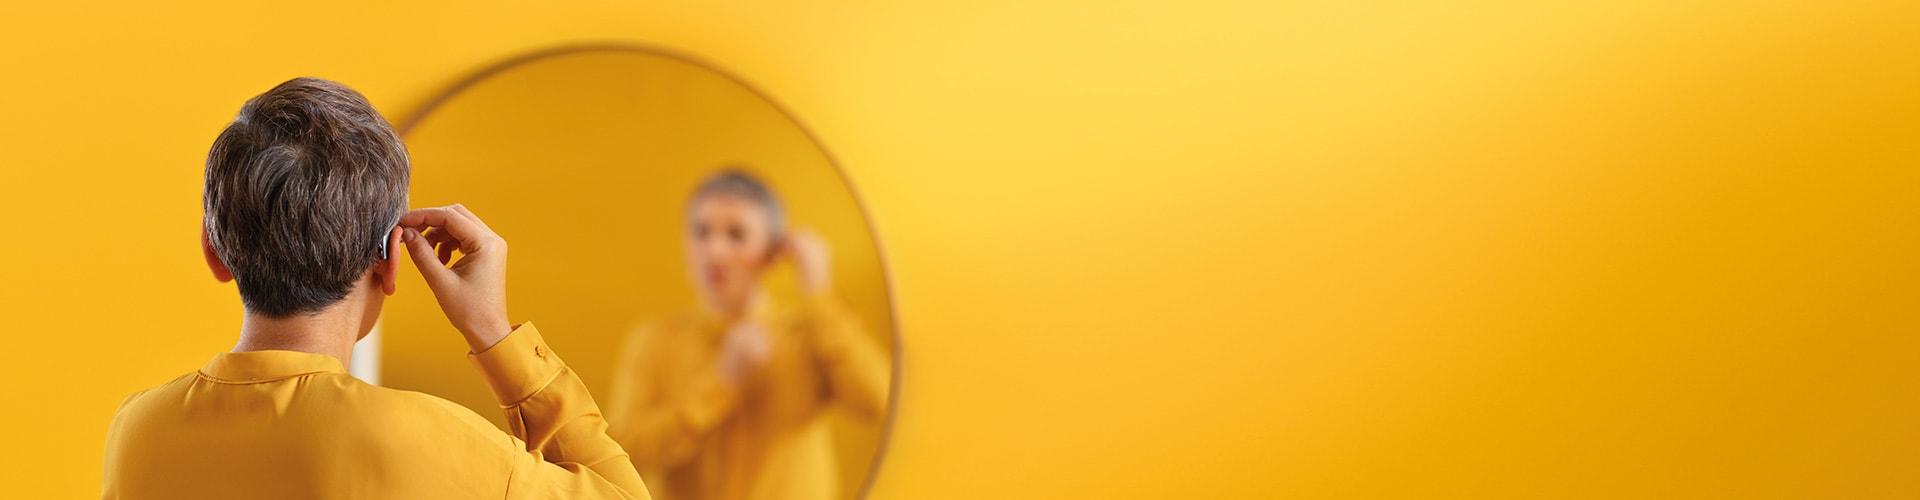 Mujer poniéndose su audífono Philips. Philips HearLink cuenta con una gama de estilos de audífonos.